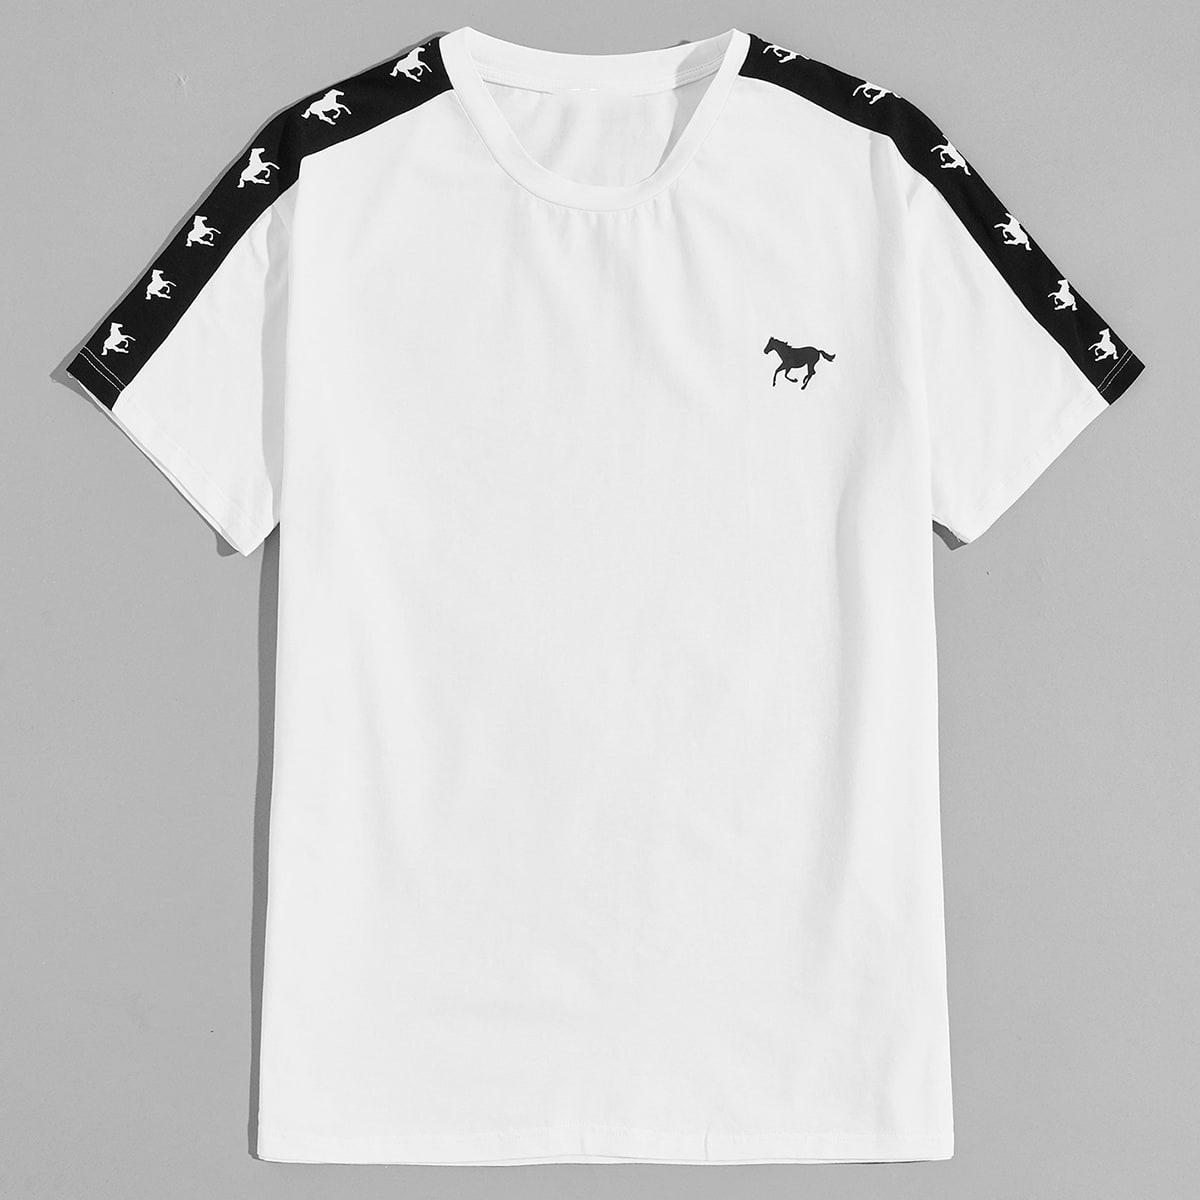 Мужская футболка с принтом лошади